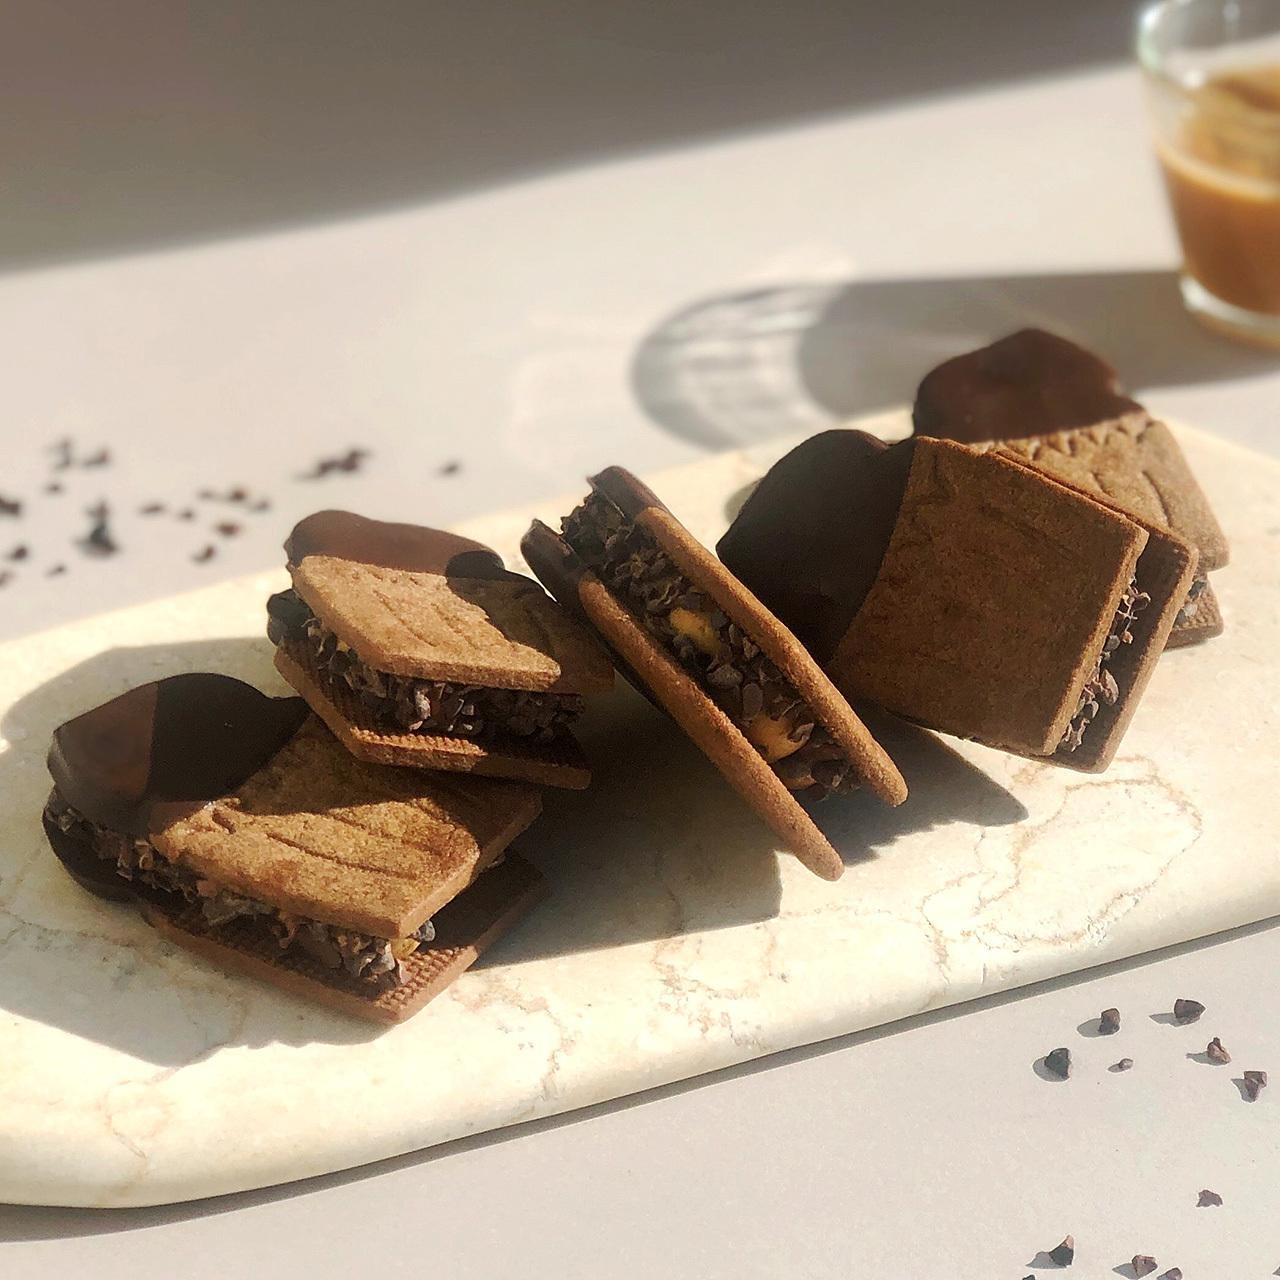 【期間限定】フェアリークリームウィッチ ショコラキャラメル生バターサンド 5個入